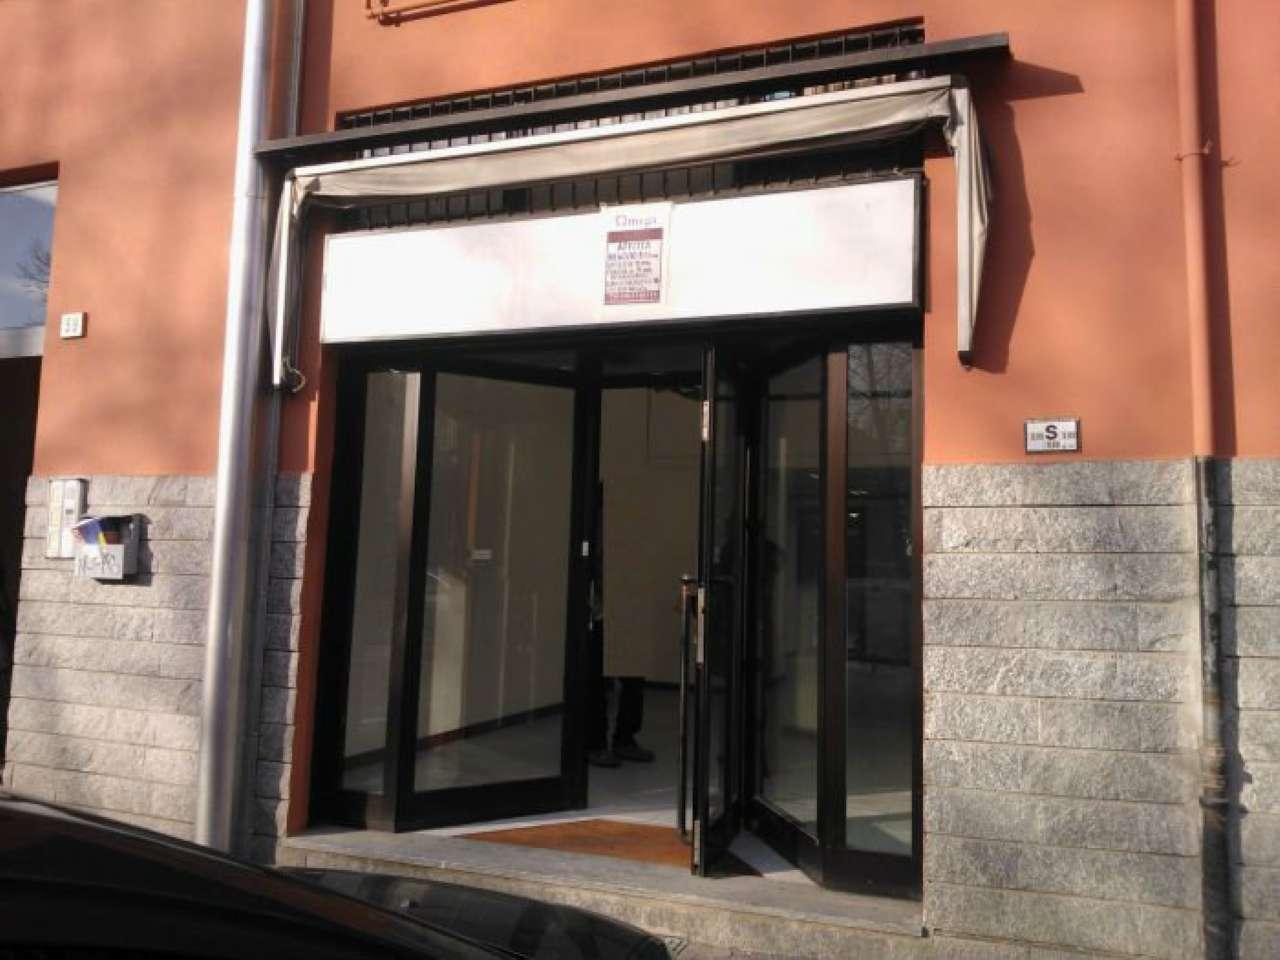 Negozio / Locale in vendita a Cologno Monzese, 2 locali, prezzo € 95.000 | CambioCasa.it